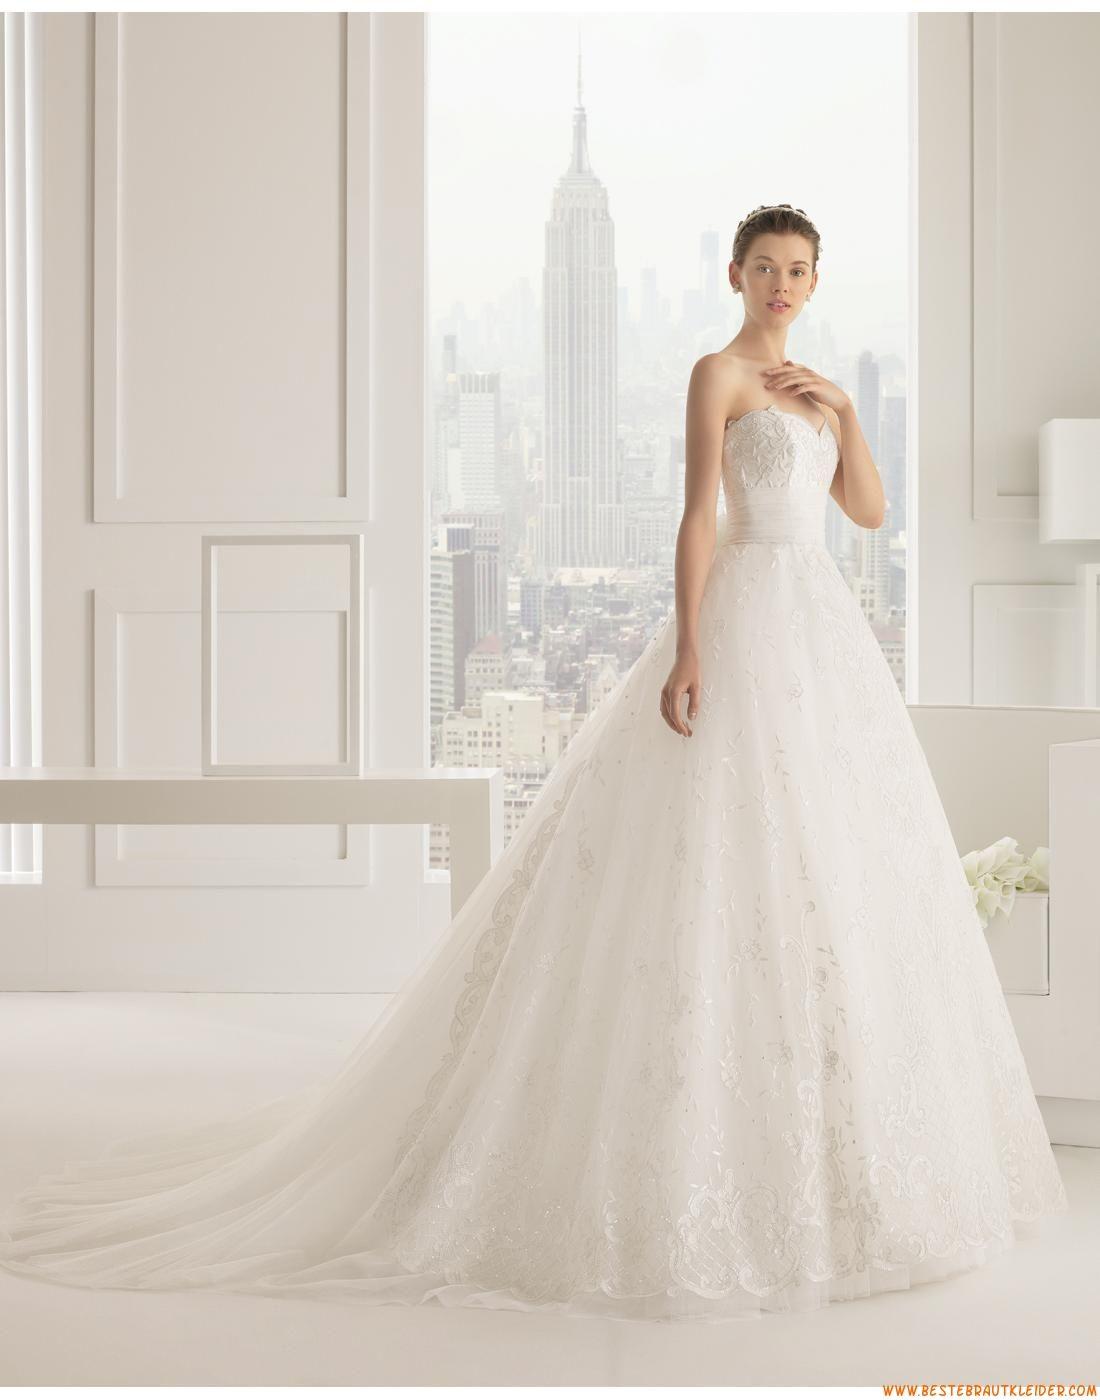 2015 Ausgefallene Glamouröse Dramatische Brautkleider aus Softnetz ...